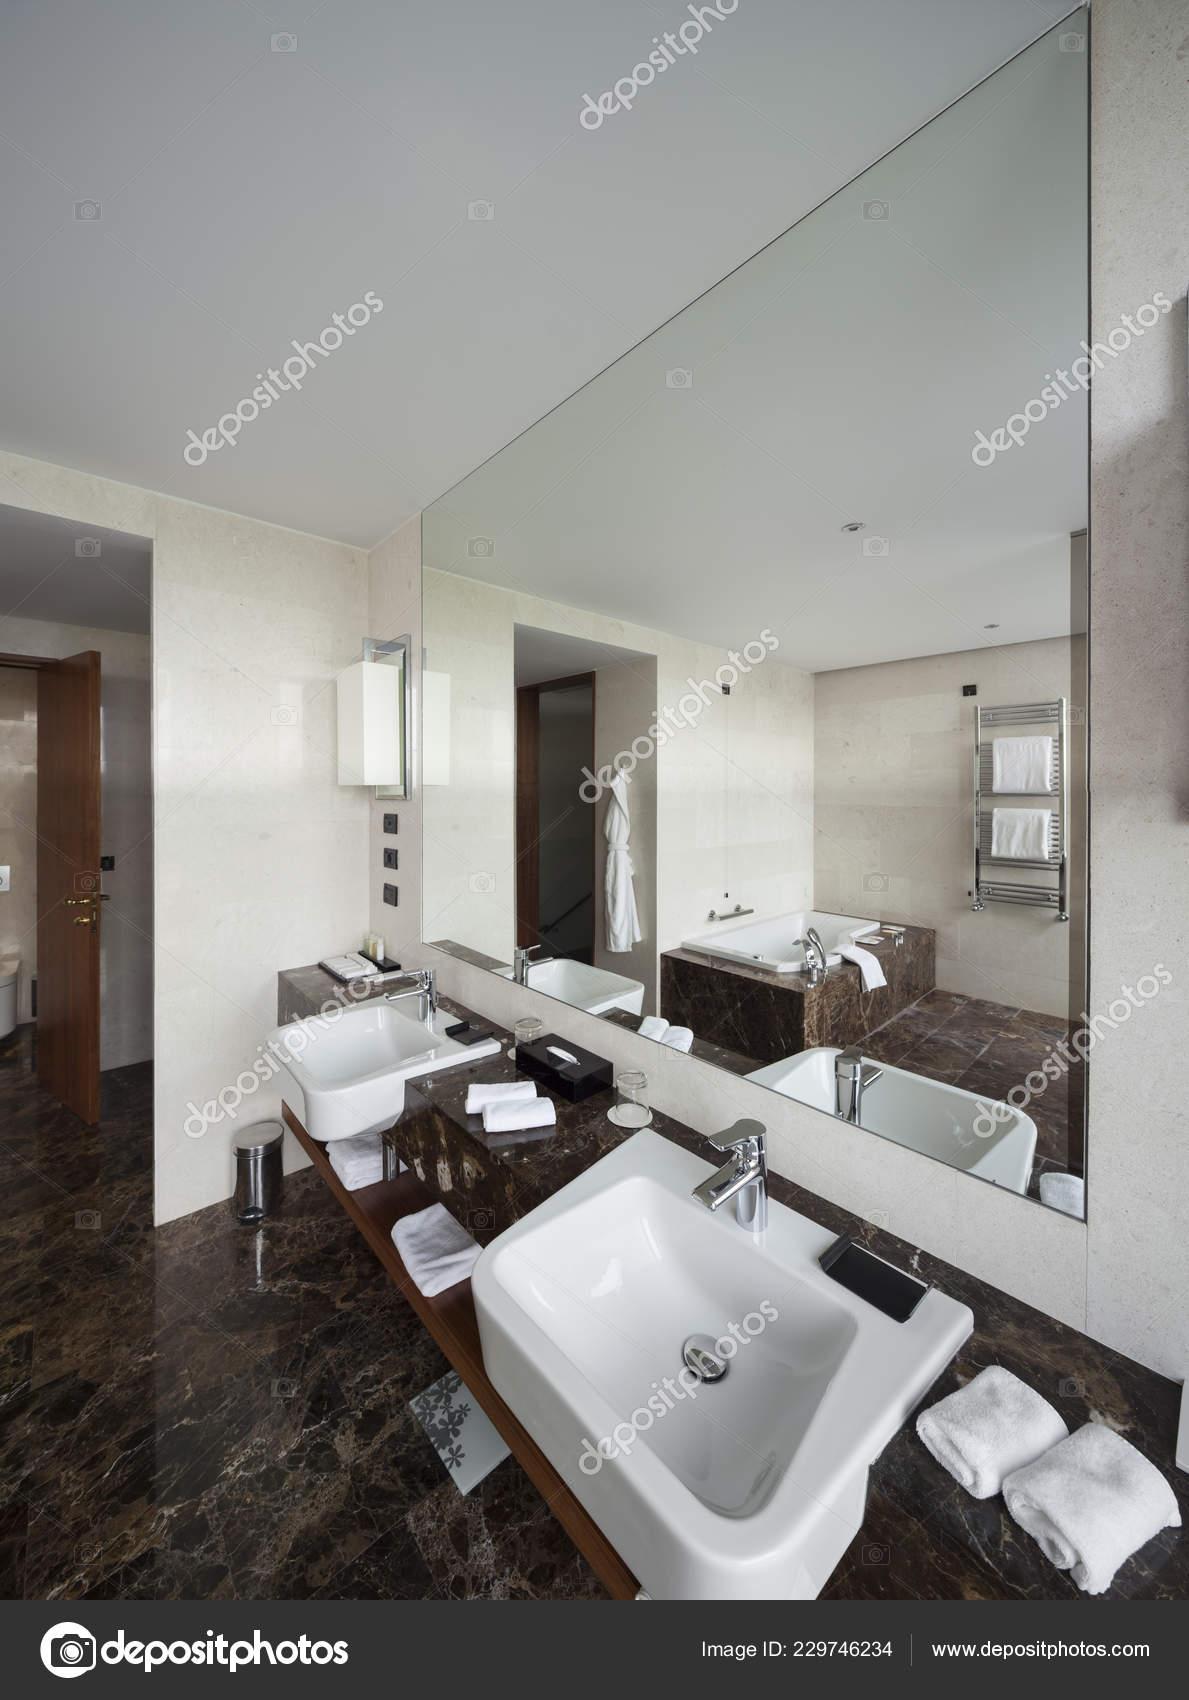 Wnętrze Nowoczesne łazienki Podwójna Umywalka Duże Lustra